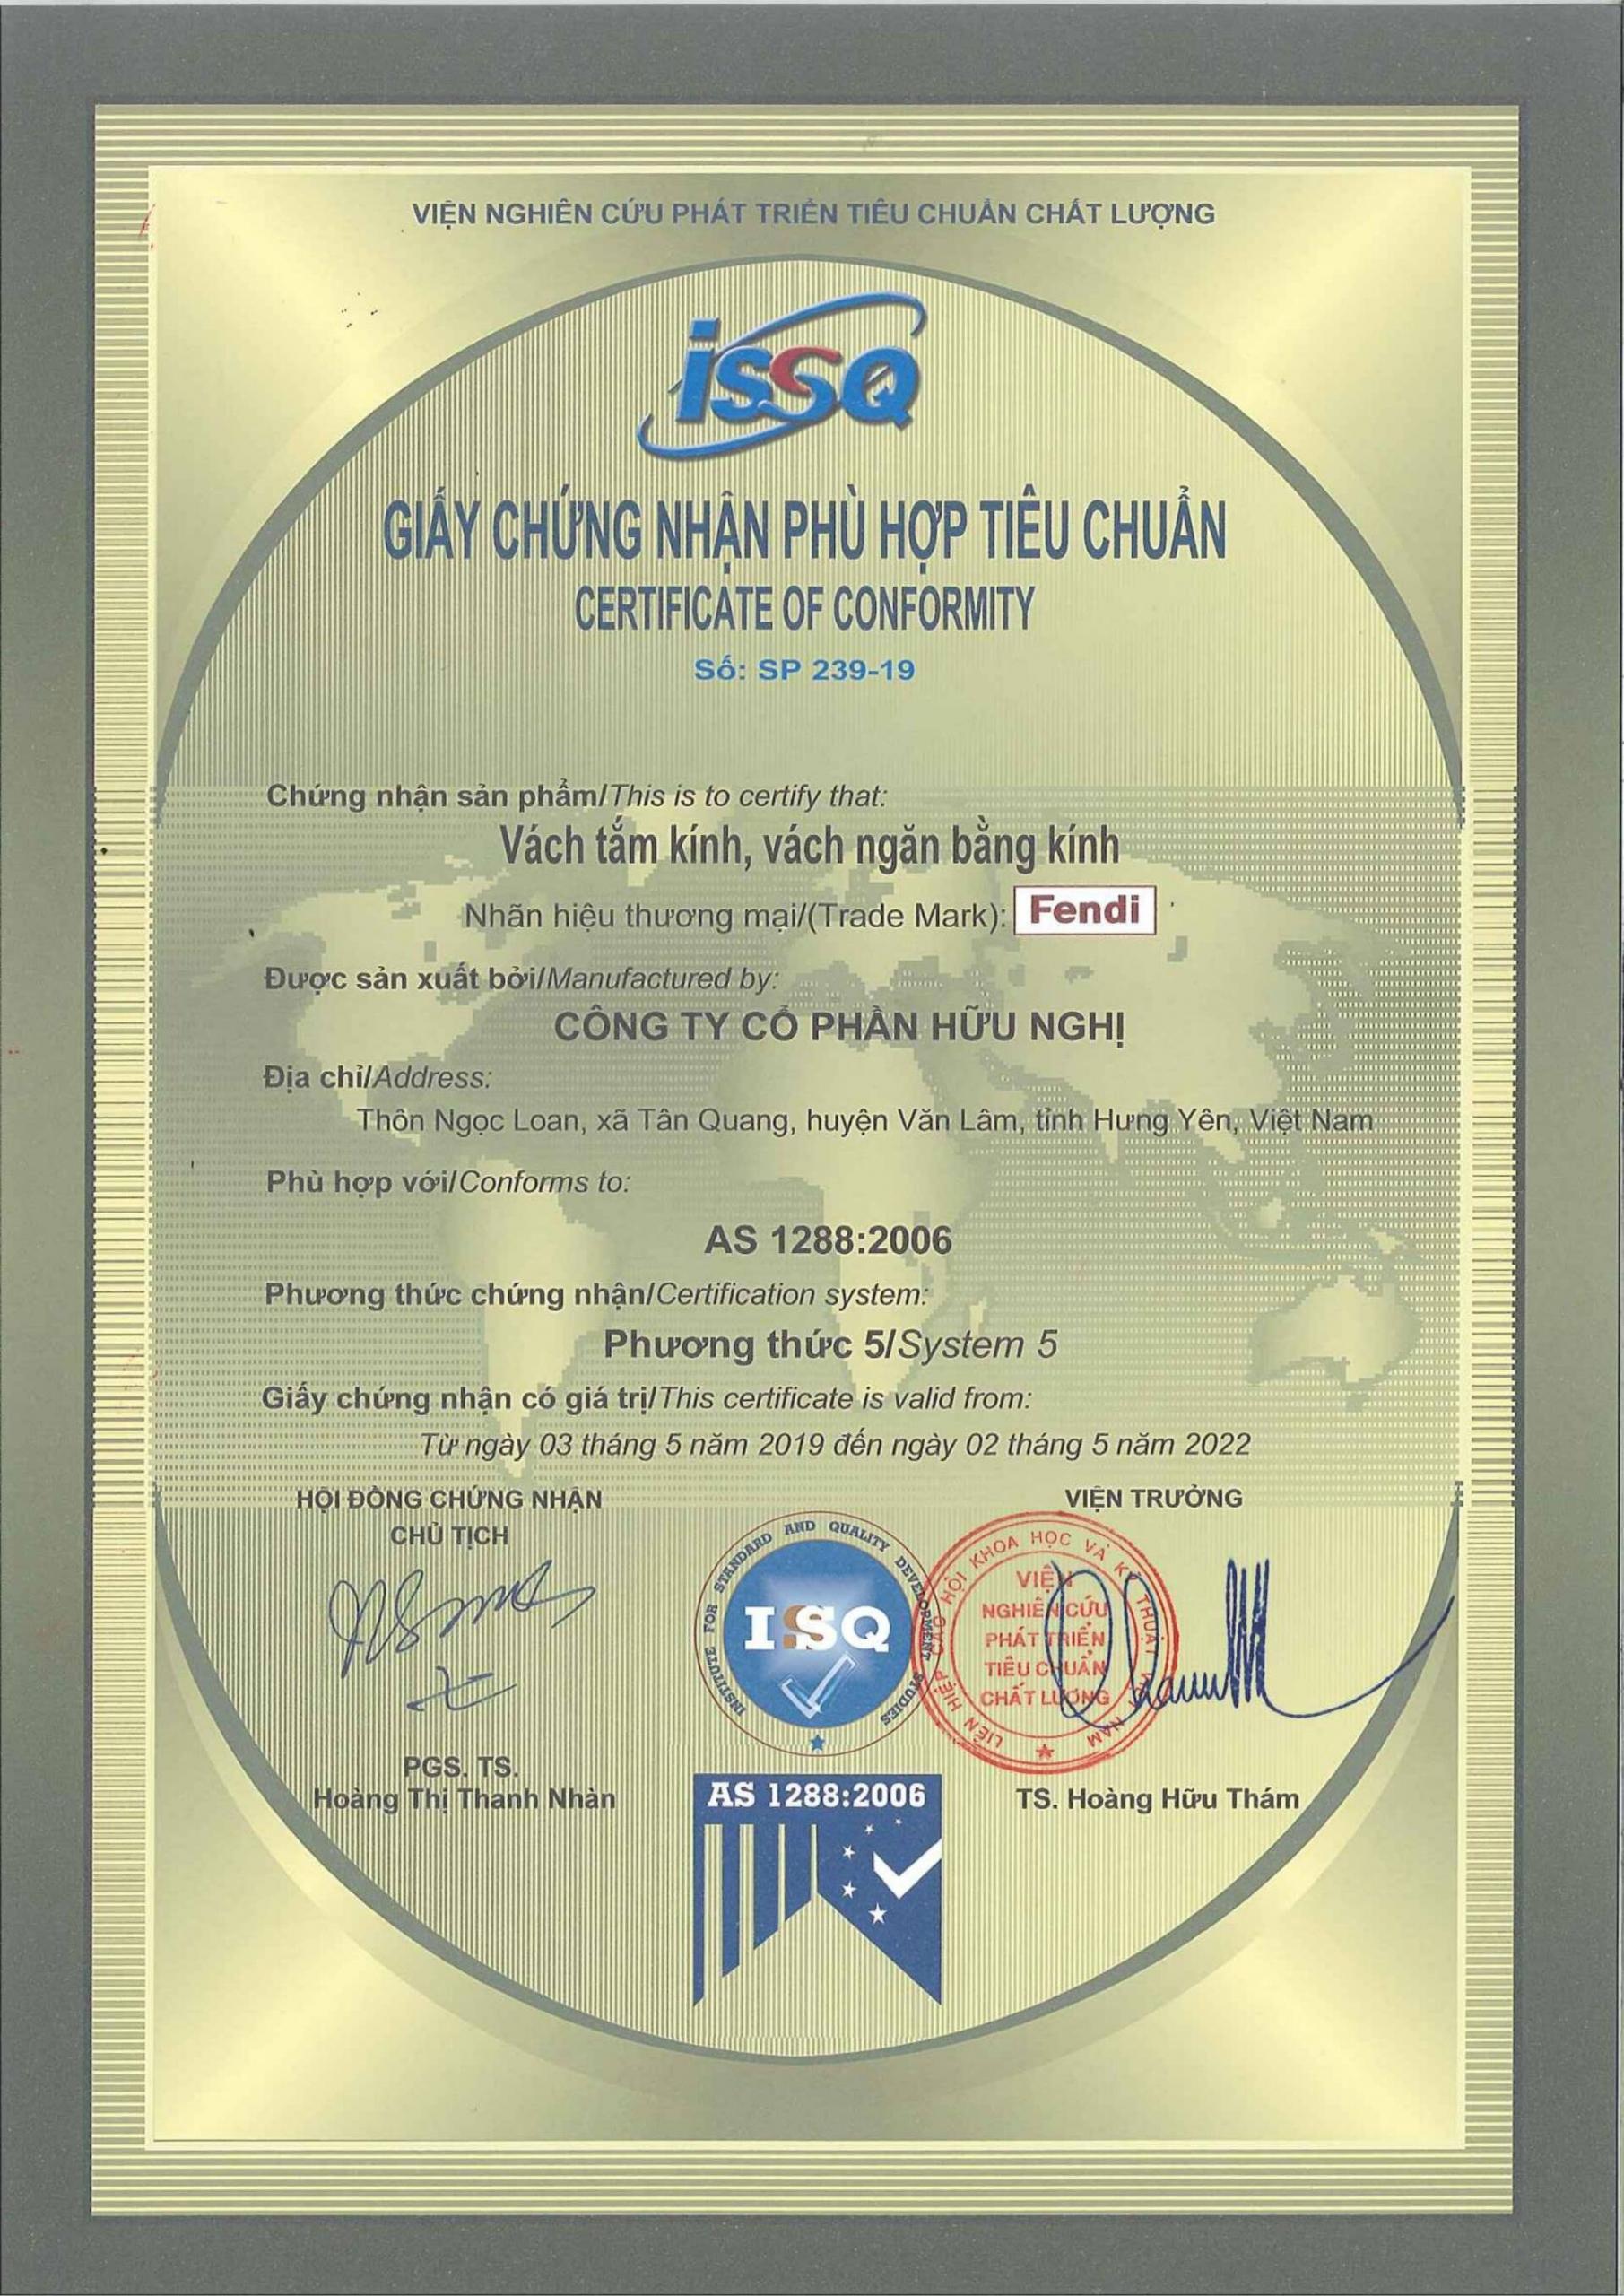 Phòng tắm kính Fendi được Tổng cục đo lường chất lượng Việt Nam xác nhận sản xuất theo tiêu chuẩn Úc AS 1288:2006, quản lý chất lượng theo ISO 9001:2008 và đảm bảo chất lượng như TCCS HN-01, TCCS HN-02